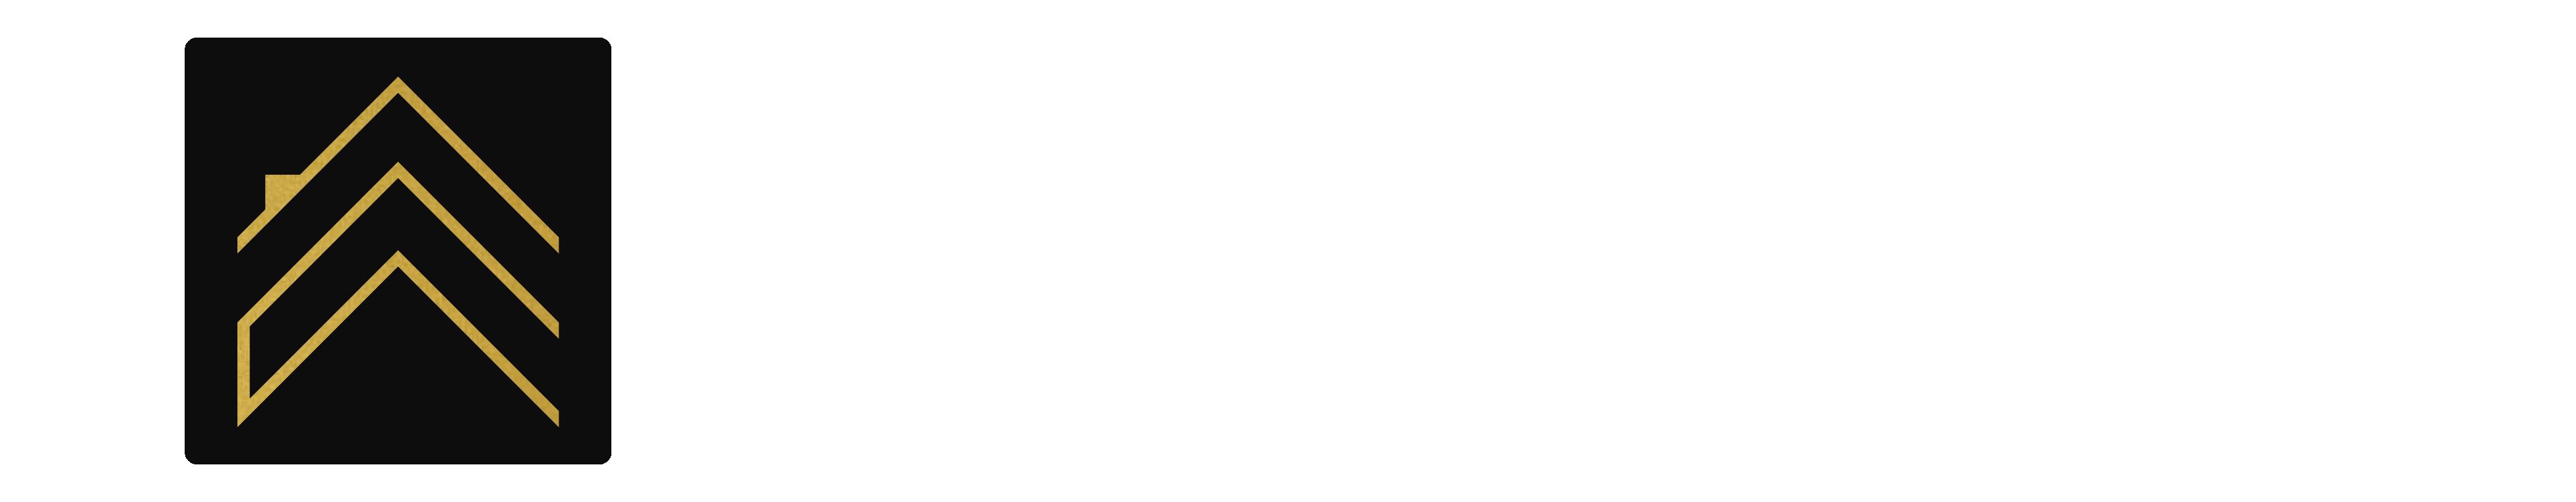 E.C HOMES